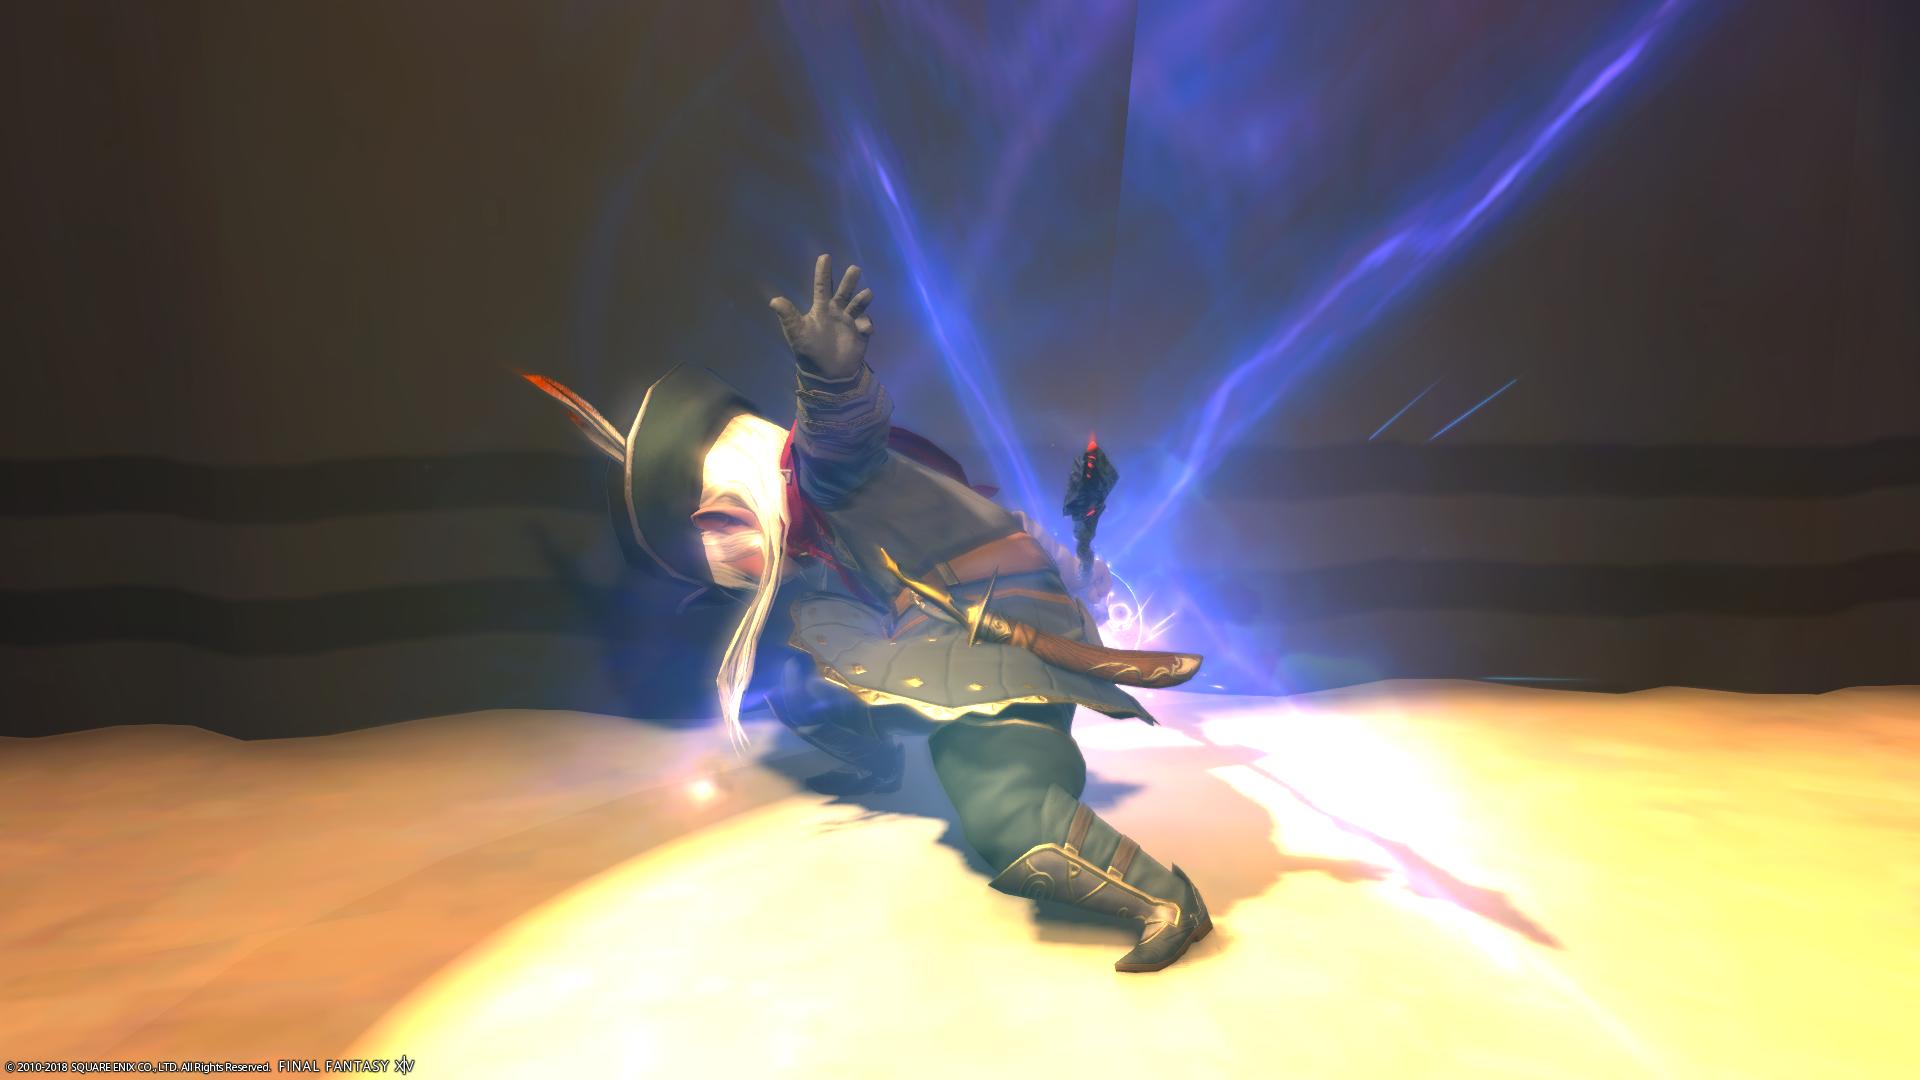 【ミラプリ】紅玉火山 獄之蓋/暴走戦艦 フラクタル・コンティニアム (Hard)【黒魔道士/召喚士/赤魔道士】おまけ